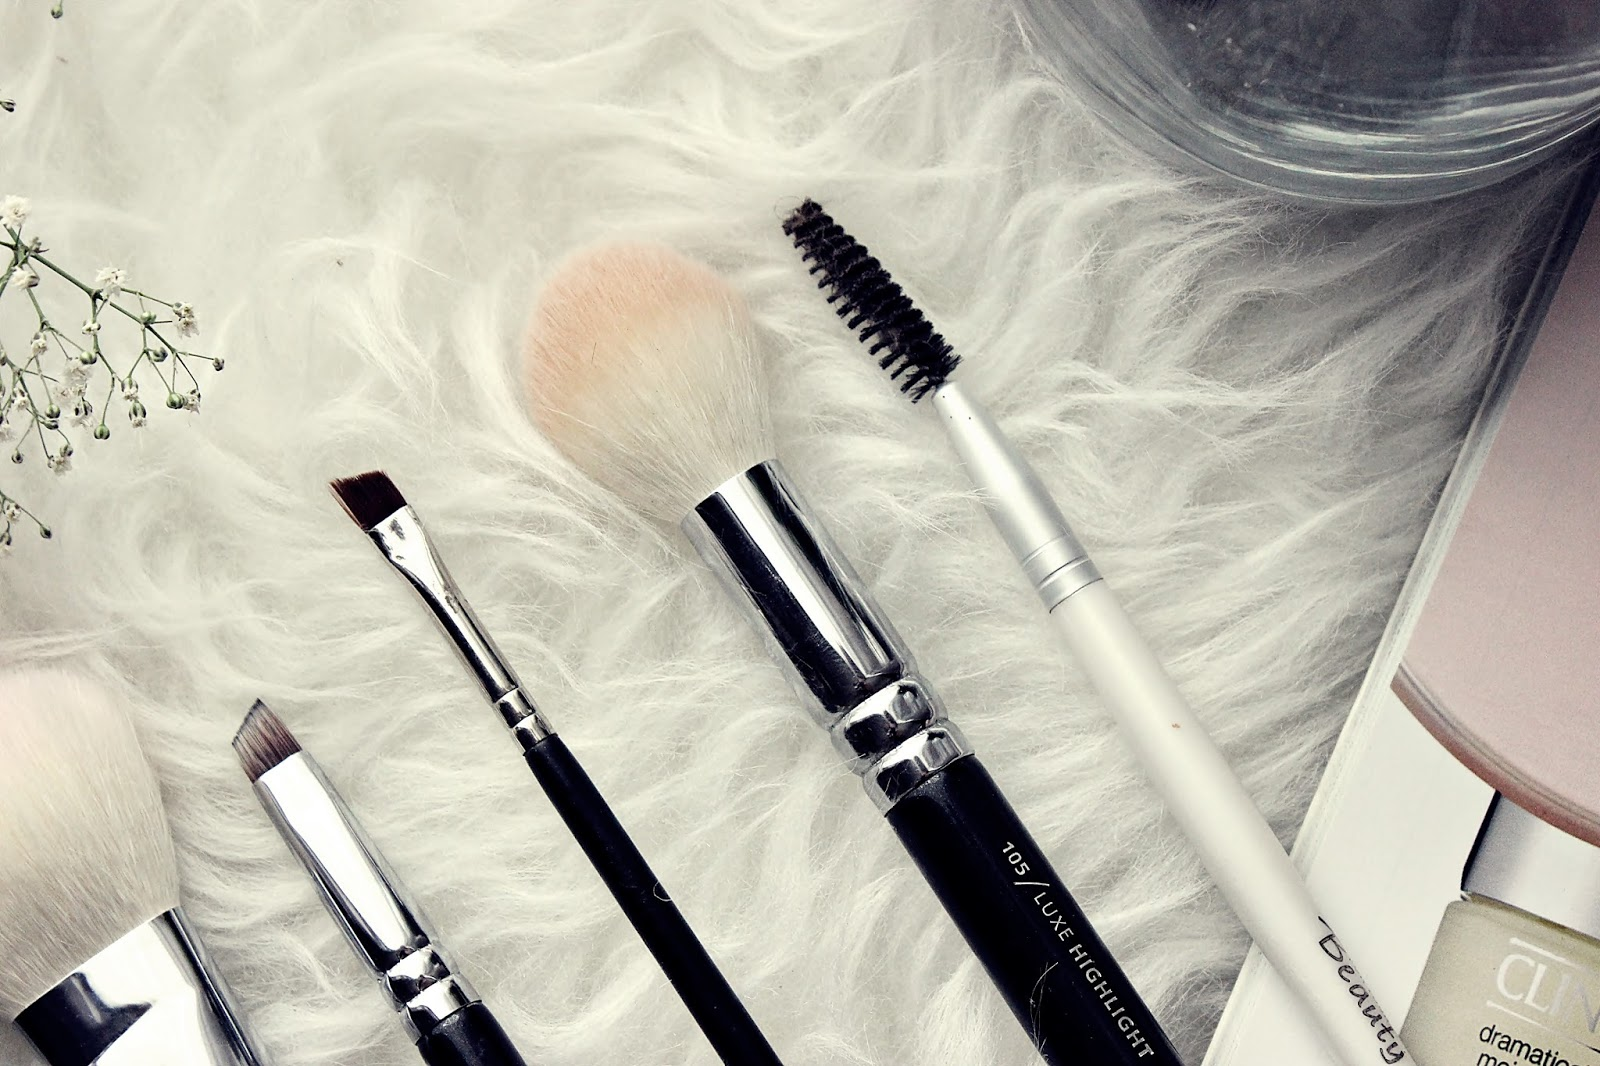 Akcesoria do makijażu, po które sięgam codziennie